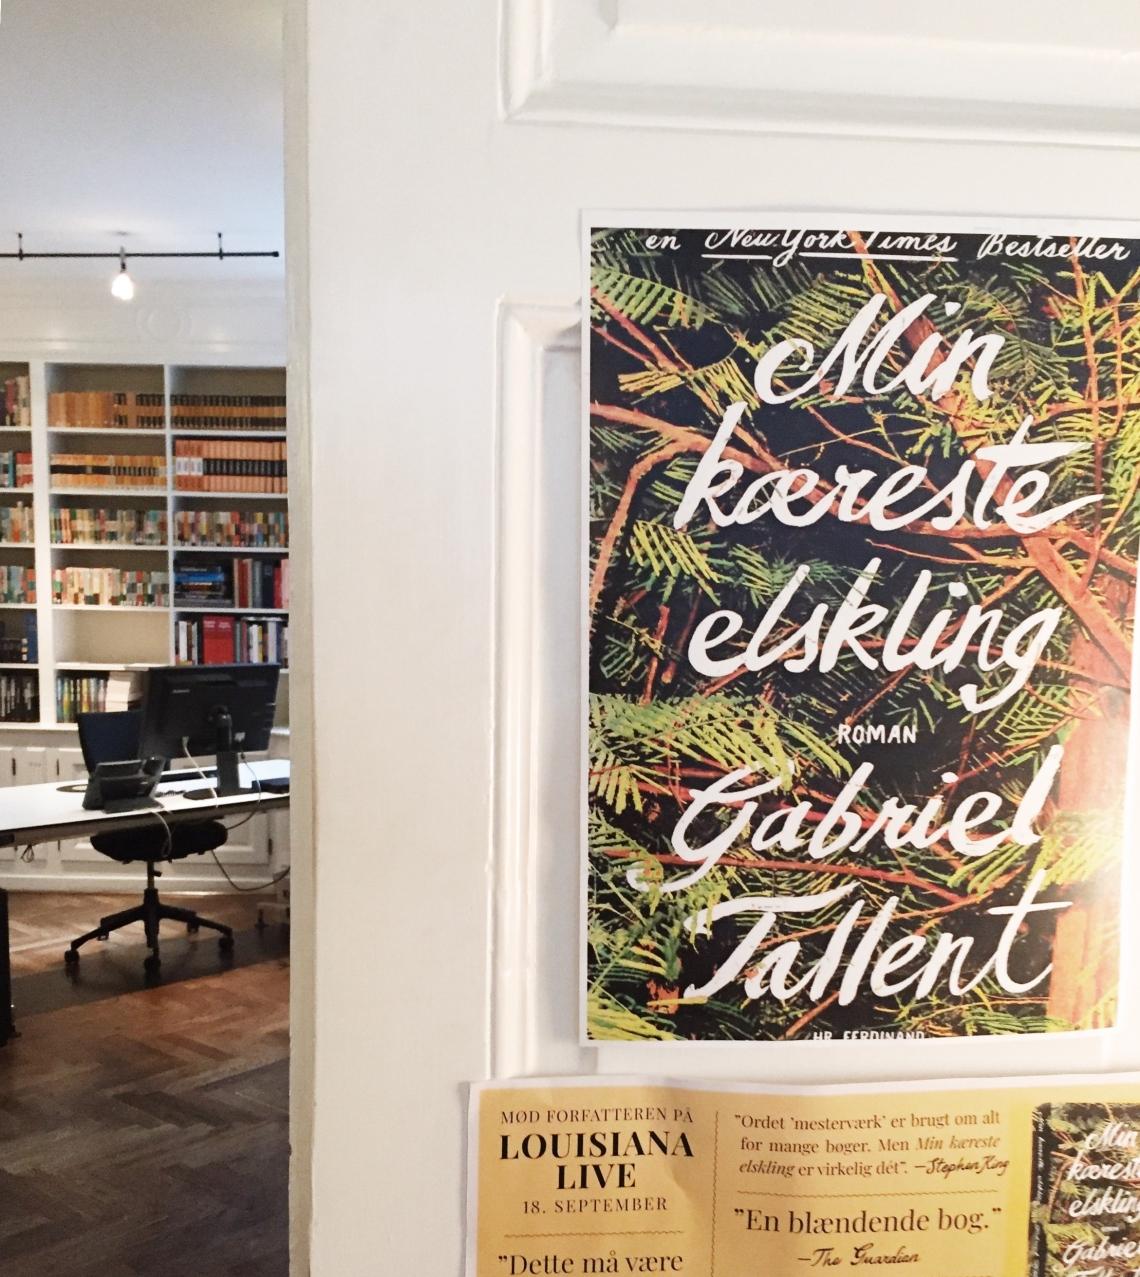 Inde hos Politikens Forlag i København, hvor den amerikanske forfatter Gabriel Tallent var på forfatterbesøg